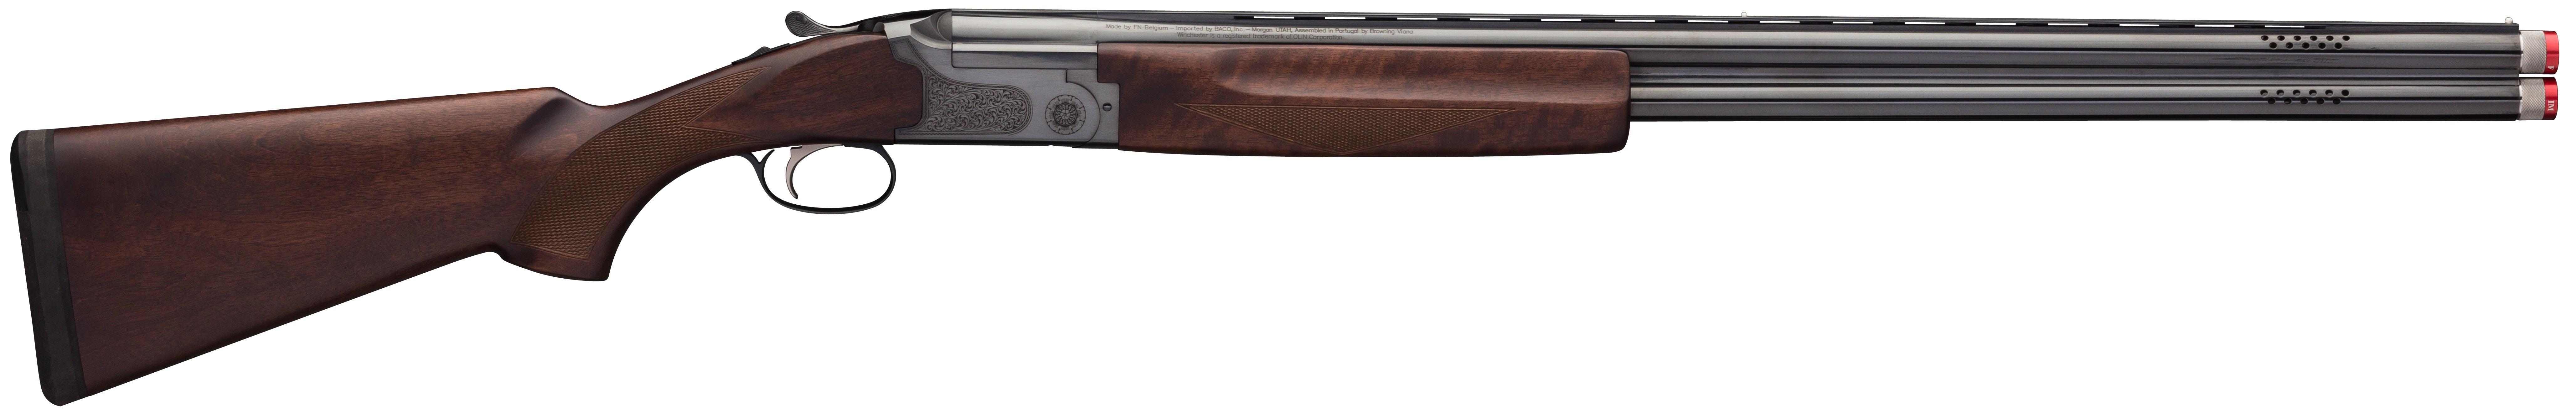 model 101 ultimate sporting rh winchesterguns com Winchester Model 270 Schematic Winchester Model 12 Book